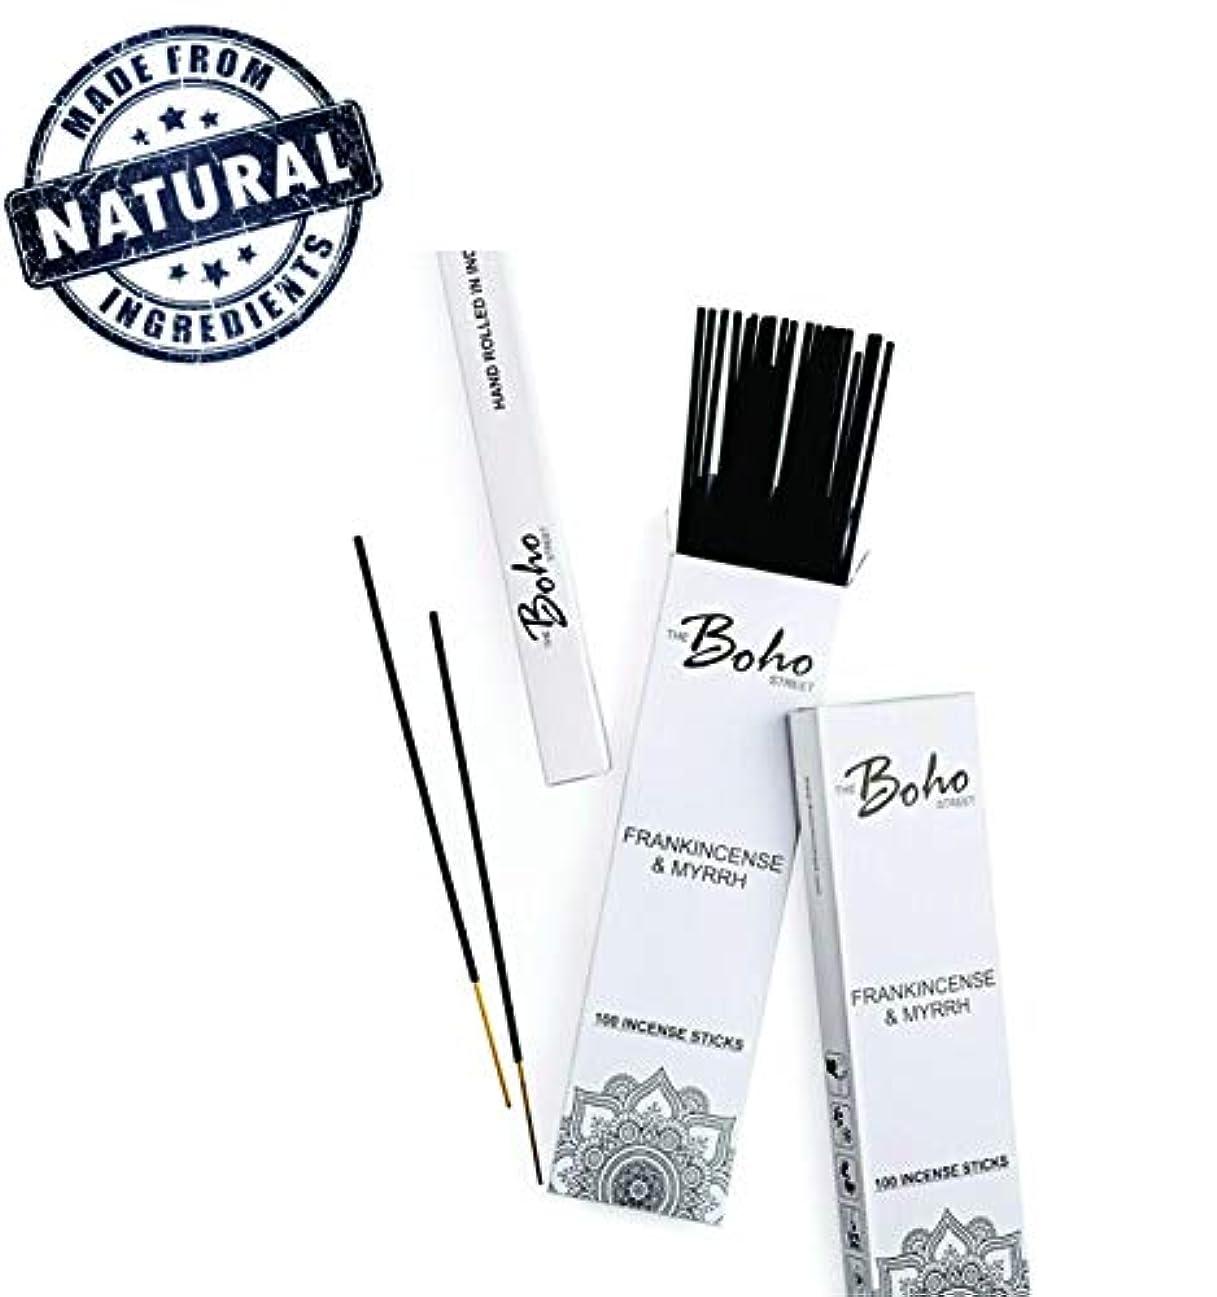 ゴミ箱過言自動化(100) - The Boho Street Premium Incense Sticks - Frankincense and Myrrh 100% Hand Rolled Hand Dipped in India...